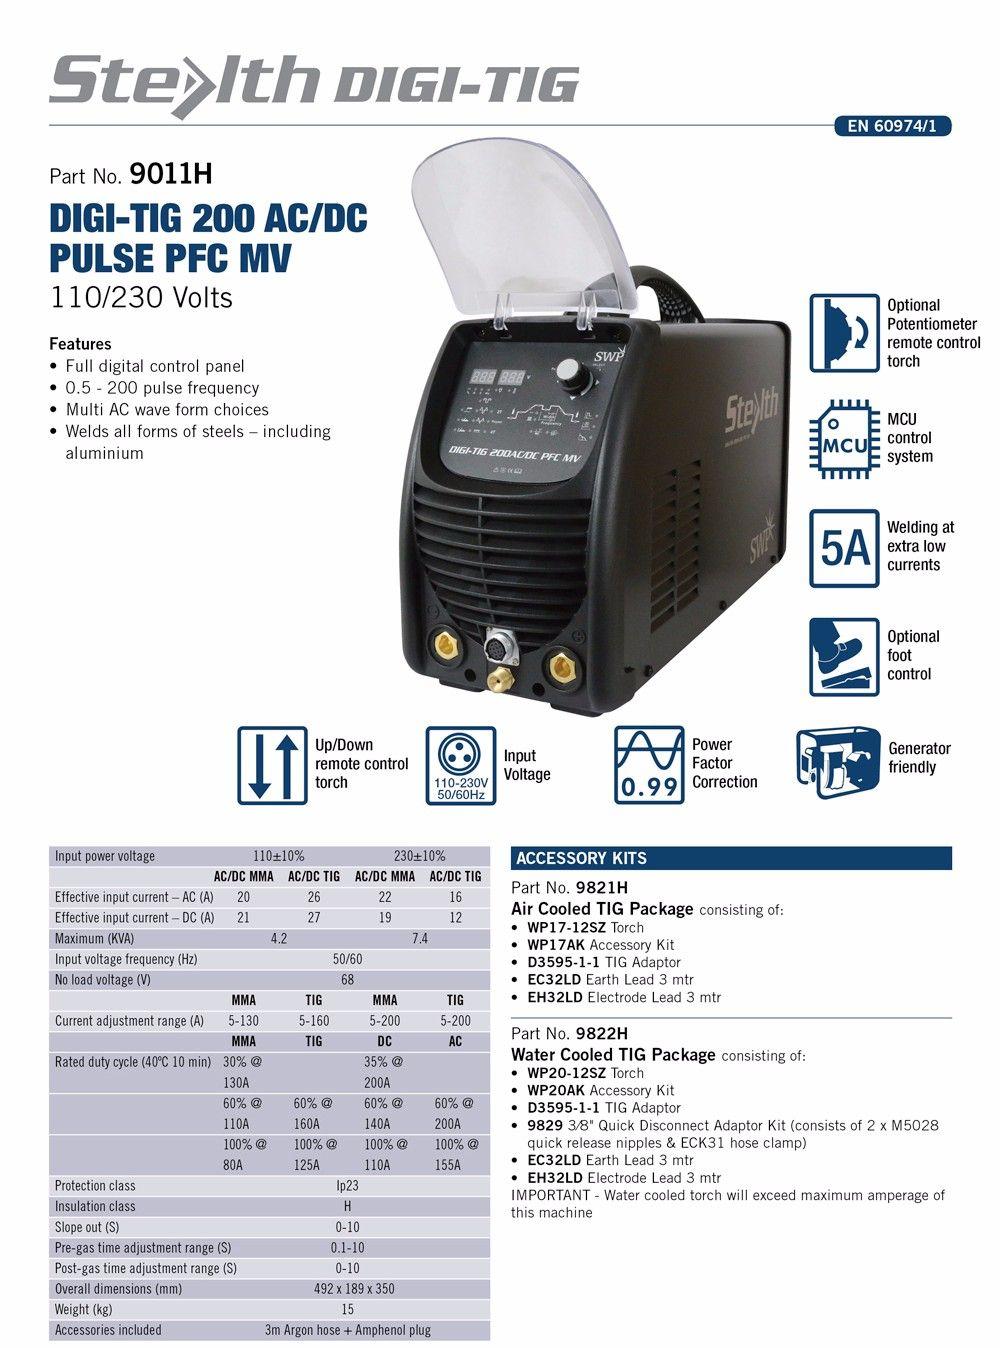 Stealth Digi-Tig 200Pd Ac/dc Tig Welder 200A Single Phase c/w Reg + Torch